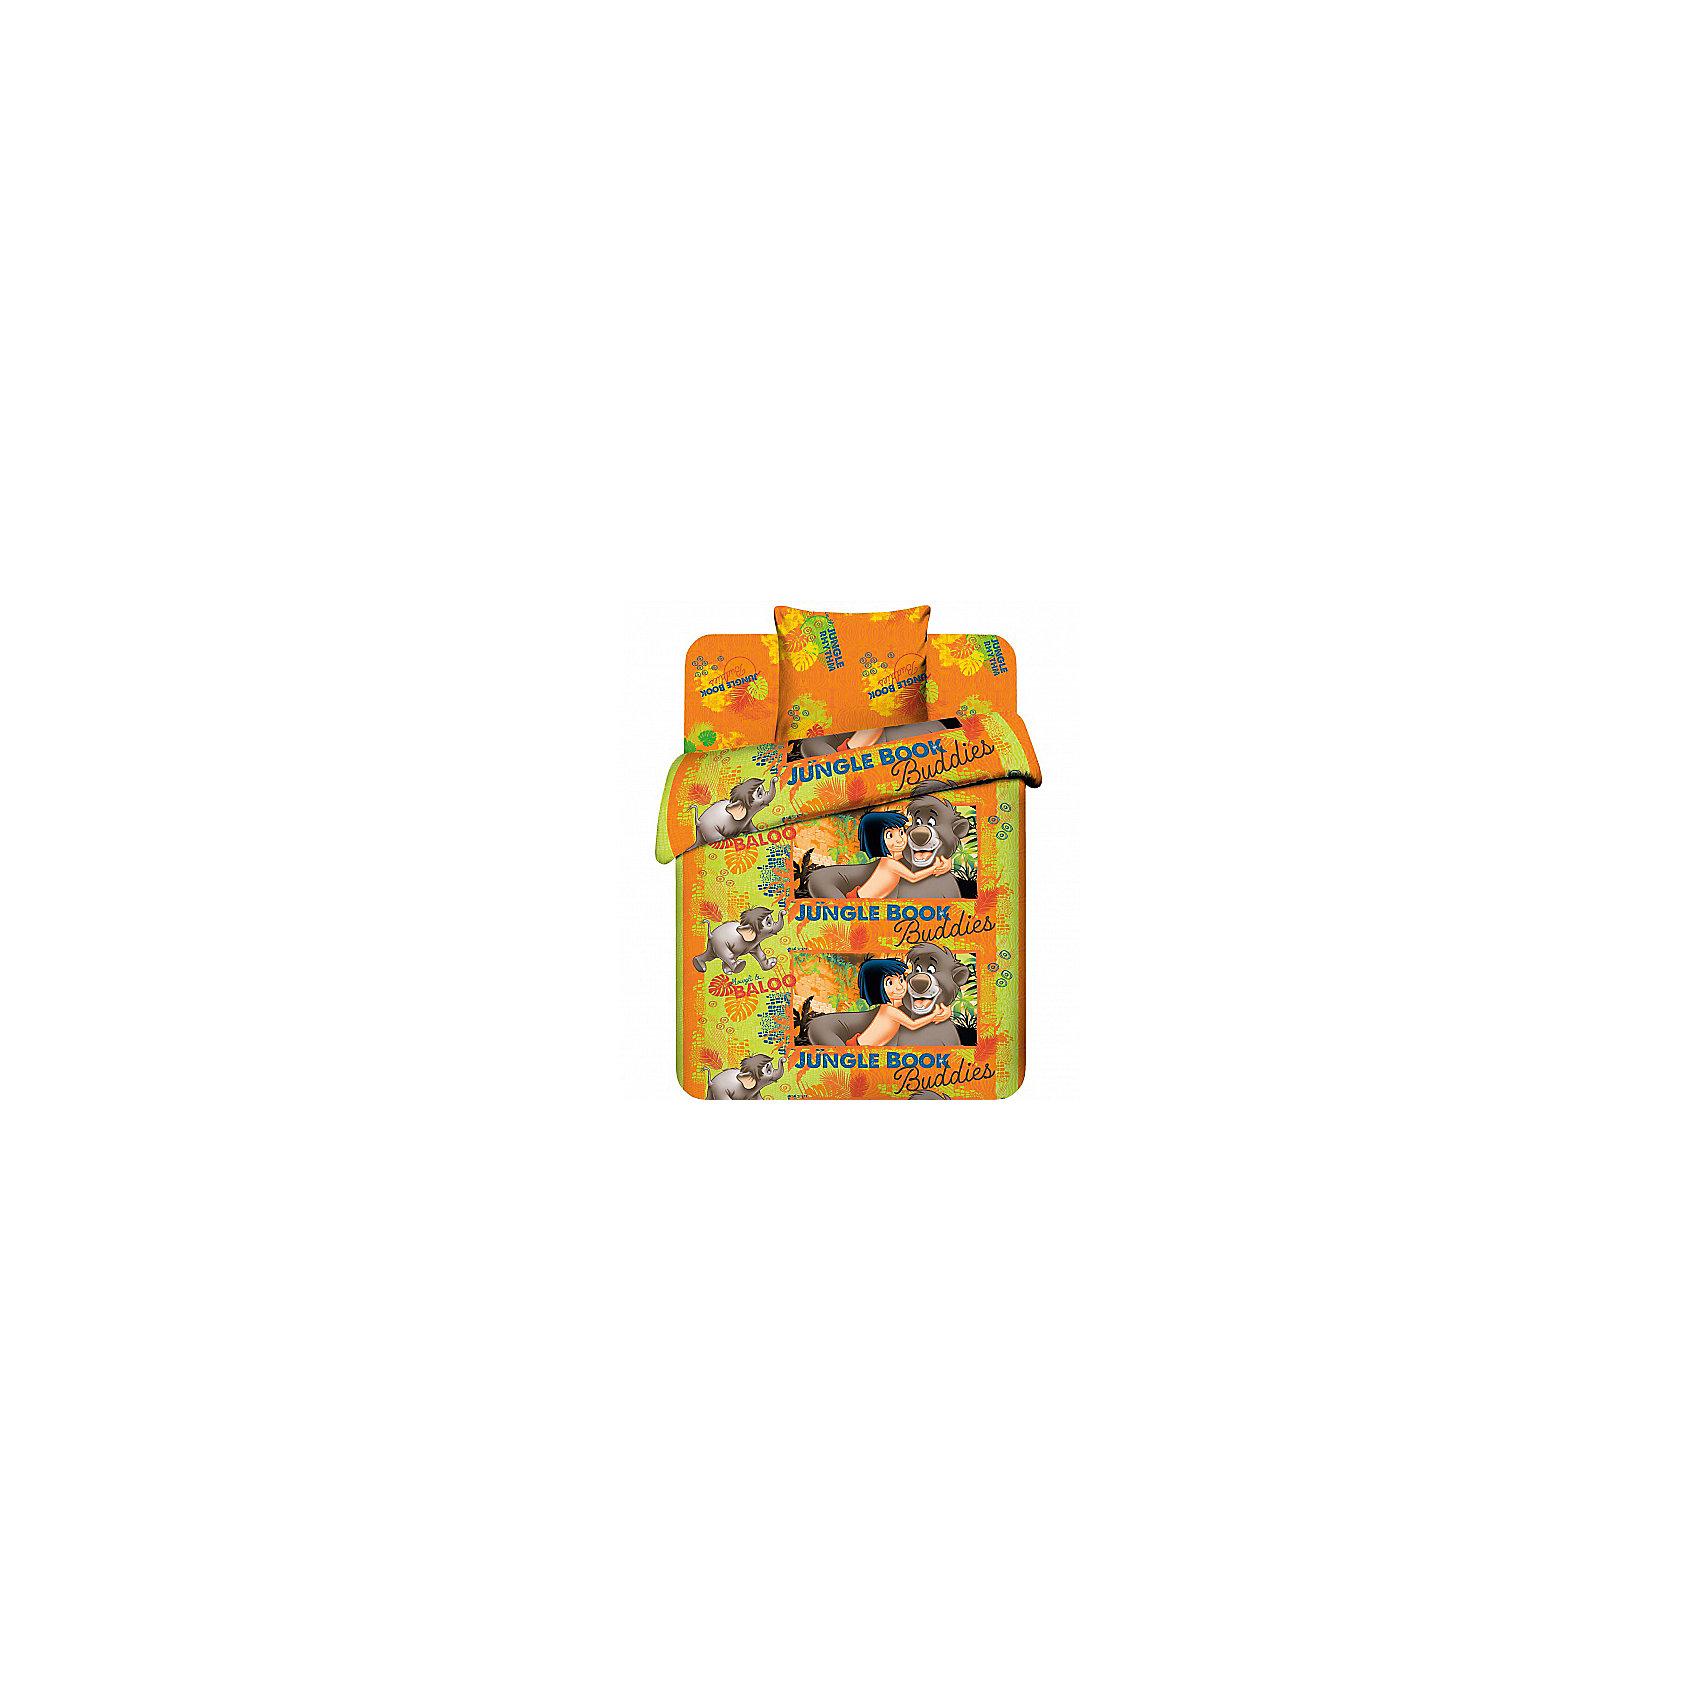 Комплект Маугли и Балу 1,5-спальный (наволочка 70*70 см), ВасилёкДомашний текстиль<br>Комплект Маугли и Балу 1,5-спальный (наволочка 70*70 см), Василёк - это яркое постельное белье создаст атмосферу уюта в детской комнате.<br>С комплектом постельного белья Маугли и Балу Ваш малыш с удовольствием будет укладываться в свою кровать, и видеть чудесные сказочные сны. На пододеяльнике изображены Маугли и его добродушный друг Балу из знаменитого мультфильма Диснея «Книга джунглей». Герои мультфильма выглядят необычайно ярко и красочно, и как будто оживают на детской кровати, украшая собой детскую спальню. Рисунок на пододеяльнике с двух сторон. Дизайн наволочки и простыни гармонично дополняет основной рисунок пододеяльника. Постельное белье изготовлено из бязи (100% хлопок). Белье приятное на ощупь, хорошо пропускает воздух. Устойчивые гипоаллергенные красители безопасны для здоровья ребенка. Белье легко стирается, гладится, сохраняет цвет и прочность даже после многочисленных стирок.<br><br>Дополнительная информация:<br><br>- Тип ткани: бязь, плотность 125г/м2<br>- Состав: 100% хлопок<br>- В комплекте: 1 наволочка, 1 пододеяльник и 1 простыня<br>- Размер пододеяльника: 148 х 215 см.<br>- Размер наволочки: 70 х 70 см.<br>- Размер простыни: 150 х 214 см.<br>- Размер упаковки: 30 х 5 х 30 см.<br>- Вес: 1,5 кг.<br><br>Комплект Маугли и Балу 1,5-спальный (наволочка 70*70 см), Василёк можно купить в нашем интернет-магазине.<br><br>Ширина мм: 300<br>Глубина мм: 50<br>Высота мм: 300<br>Вес г: 1500<br>Возраст от месяцев: 36<br>Возраст до месяцев: 144<br>Пол: Унисекс<br>Возраст: Детский<br>SKU: 4143467